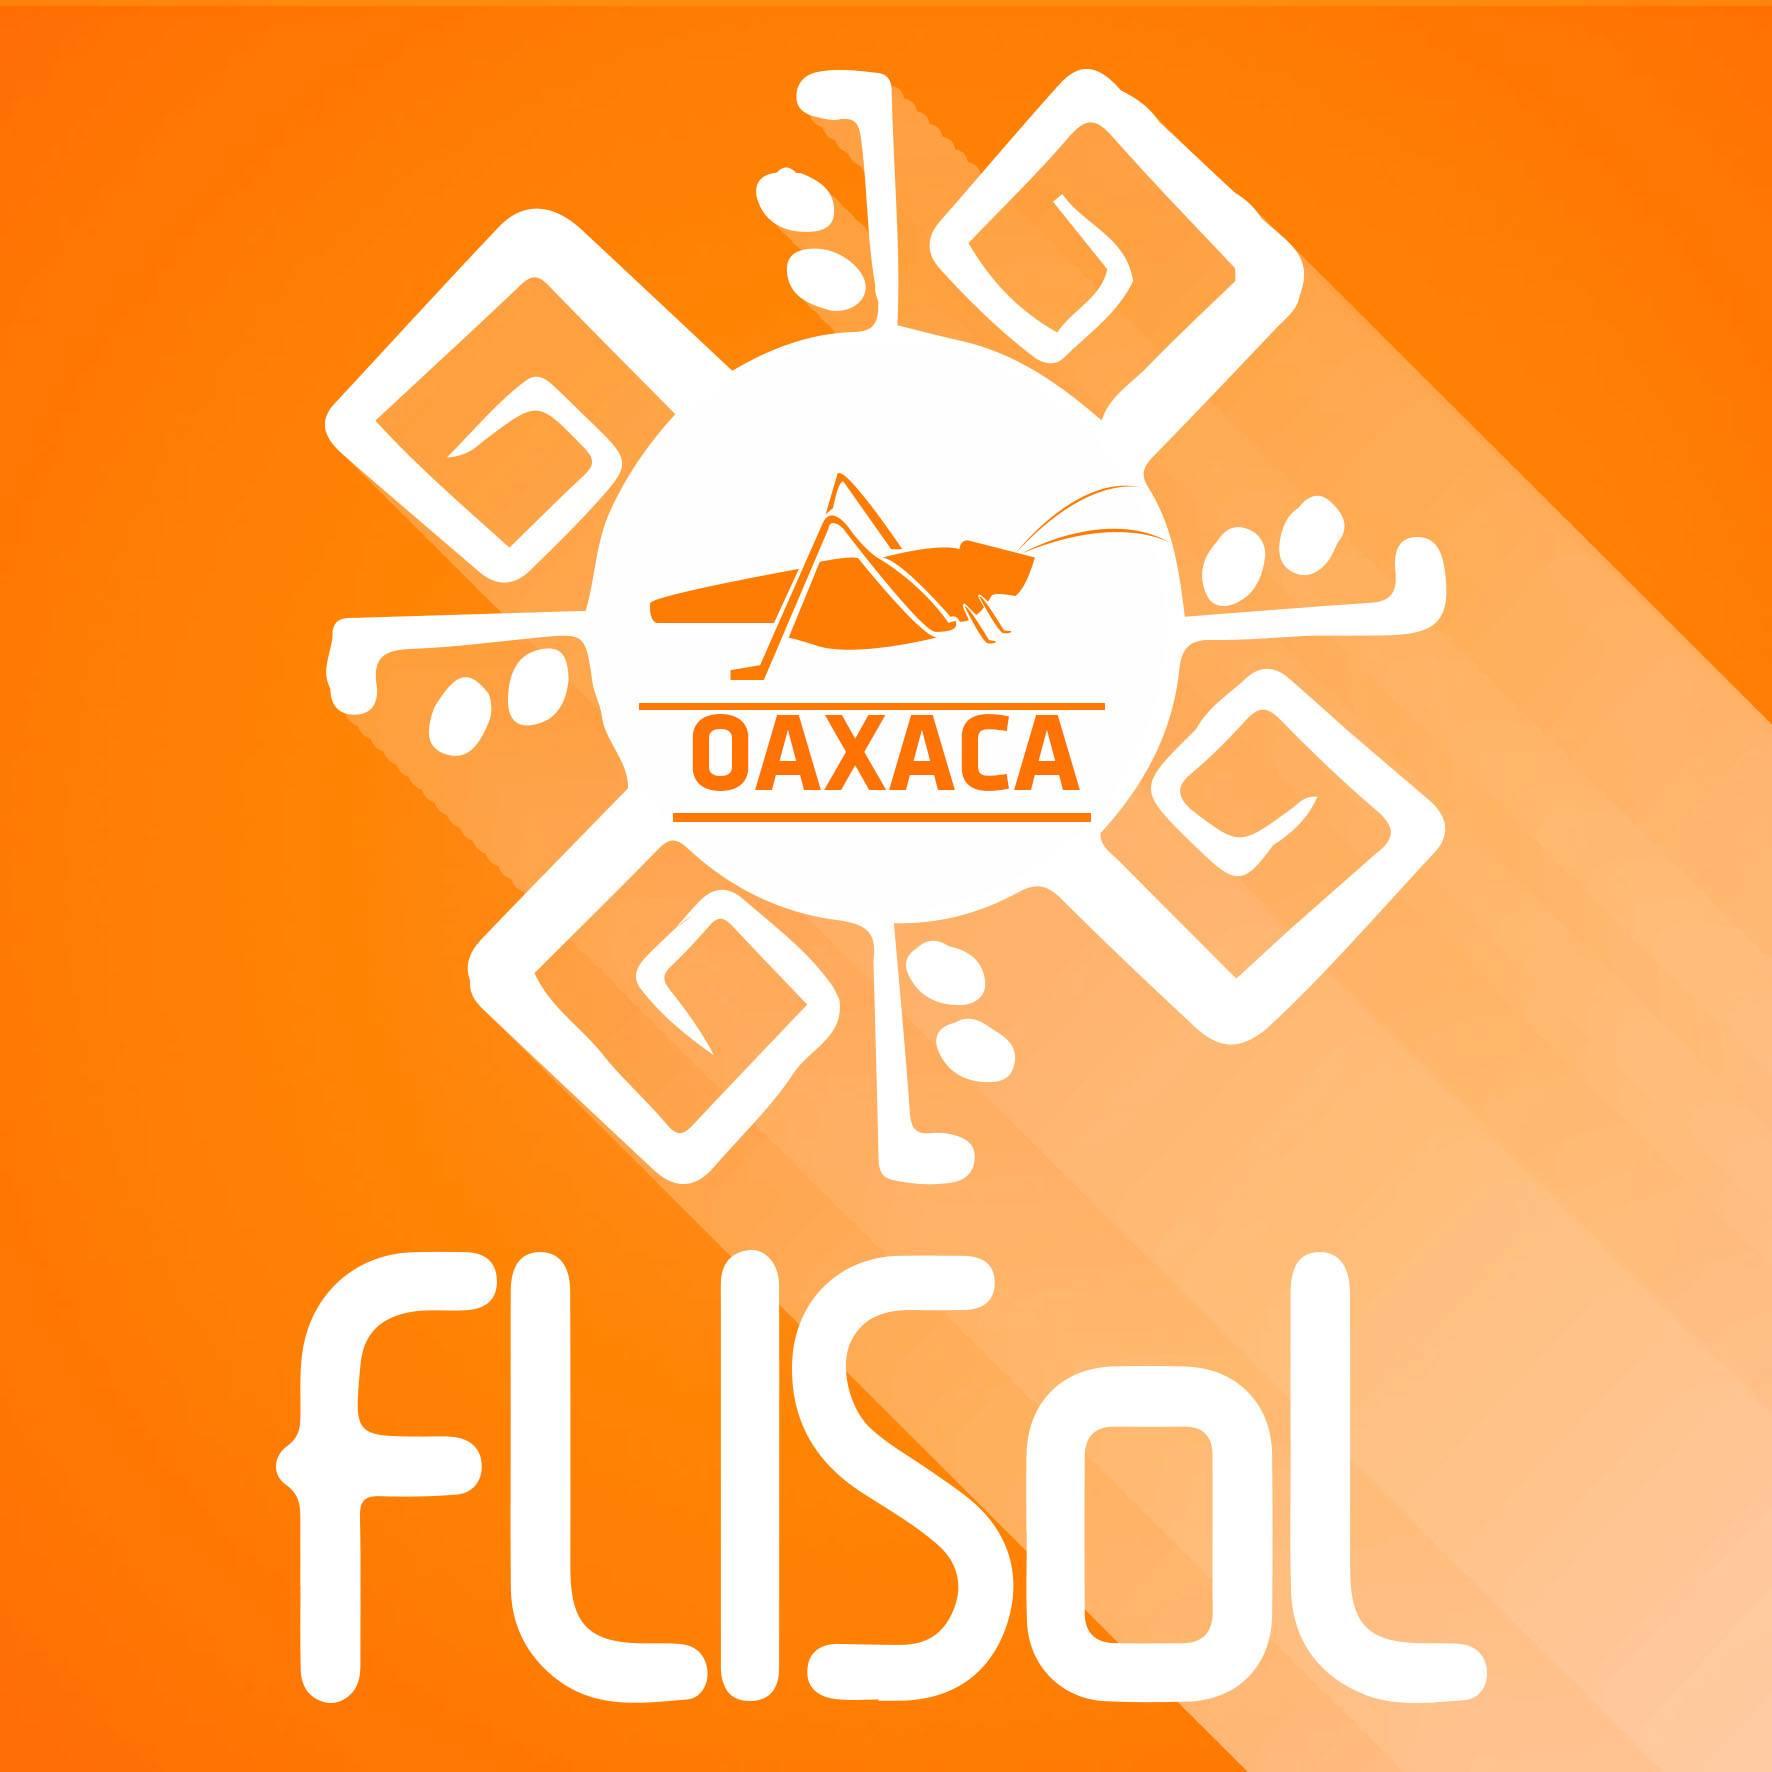 Flisol oaxaca